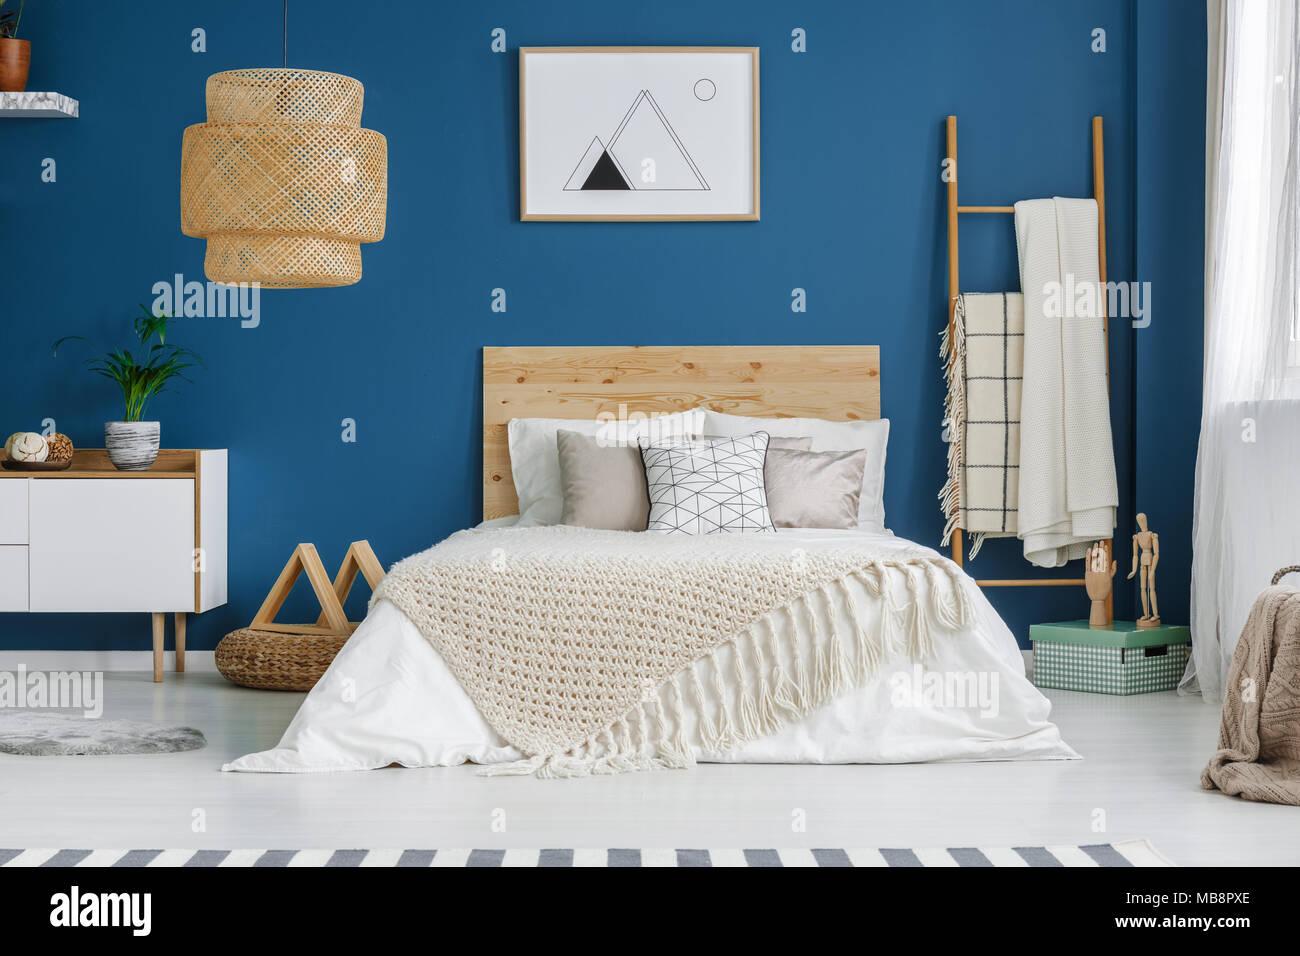 Gestrickte Decke Auf Holz Bett Im Blauen Schlafzimmer Innenraum Mit